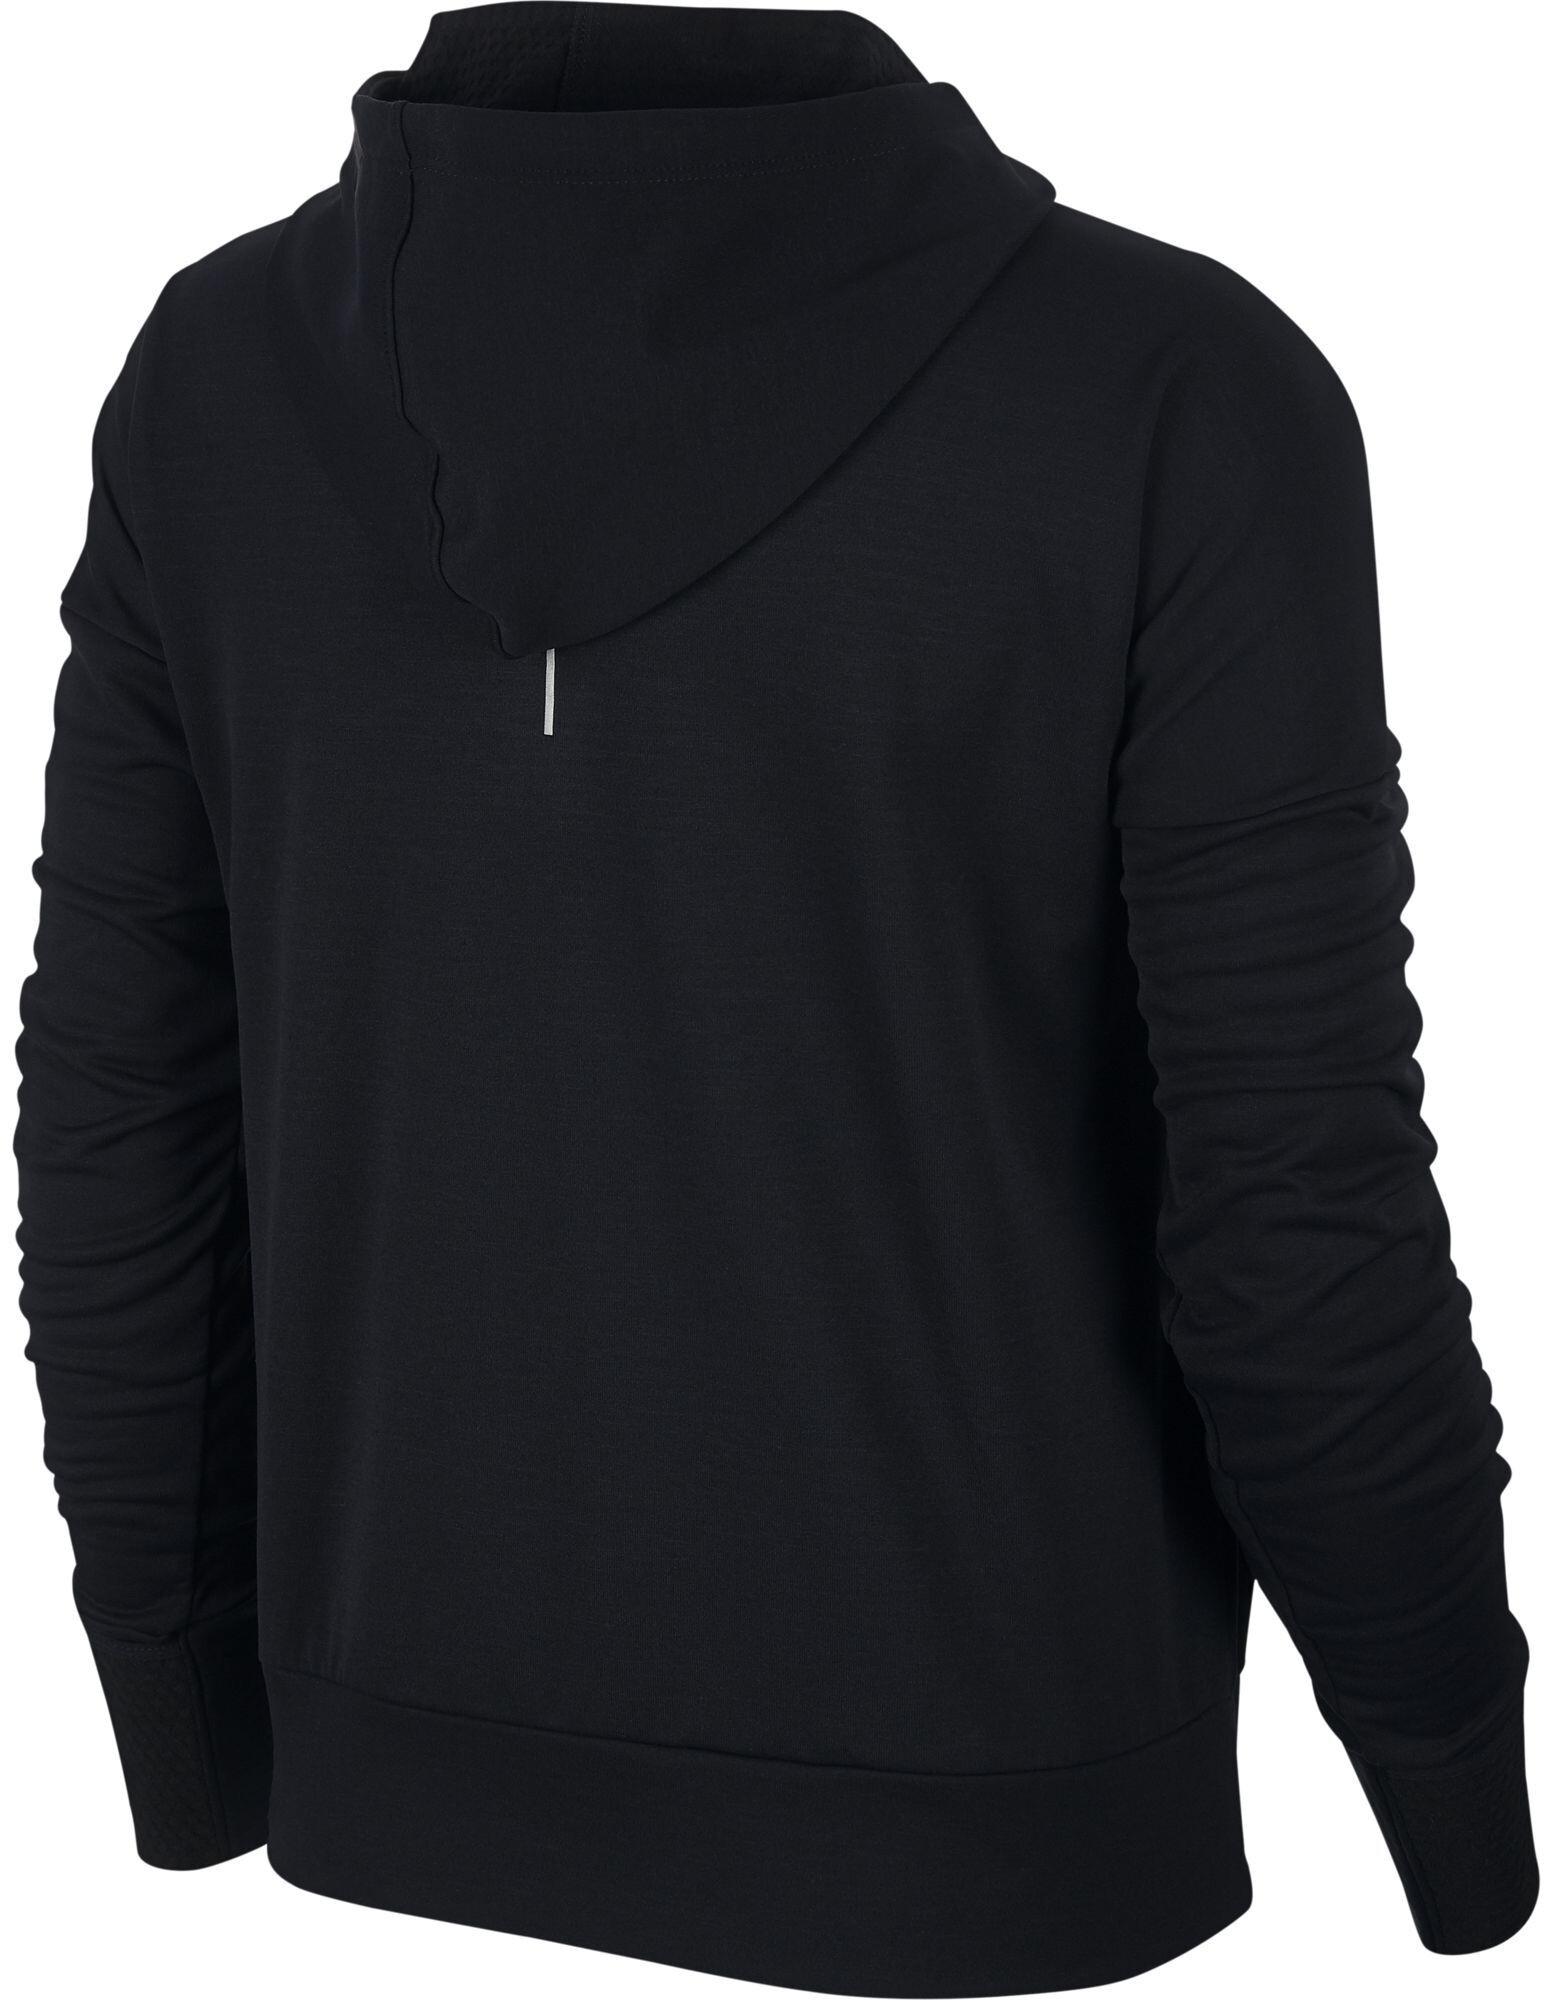 6183301f9f148 Nike Therma Sphere Element - Veste course à pied Femme - noir sur ...